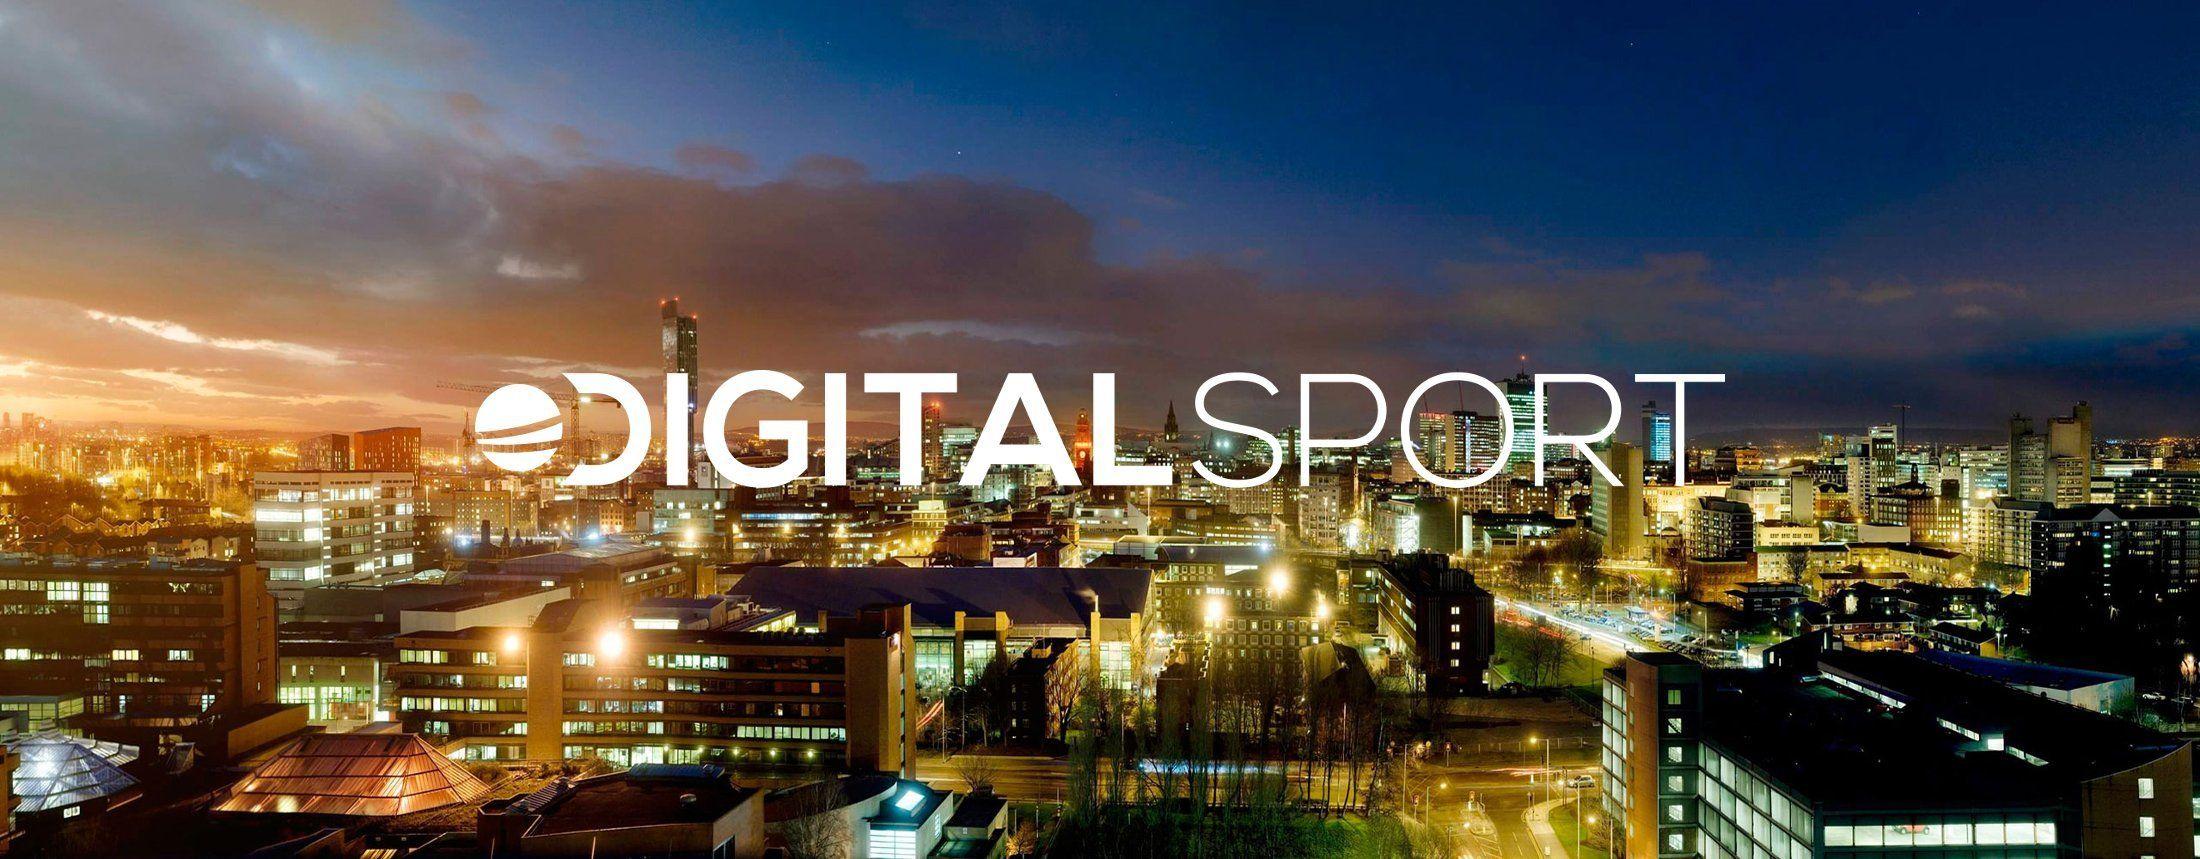 Digital Sport Manchester